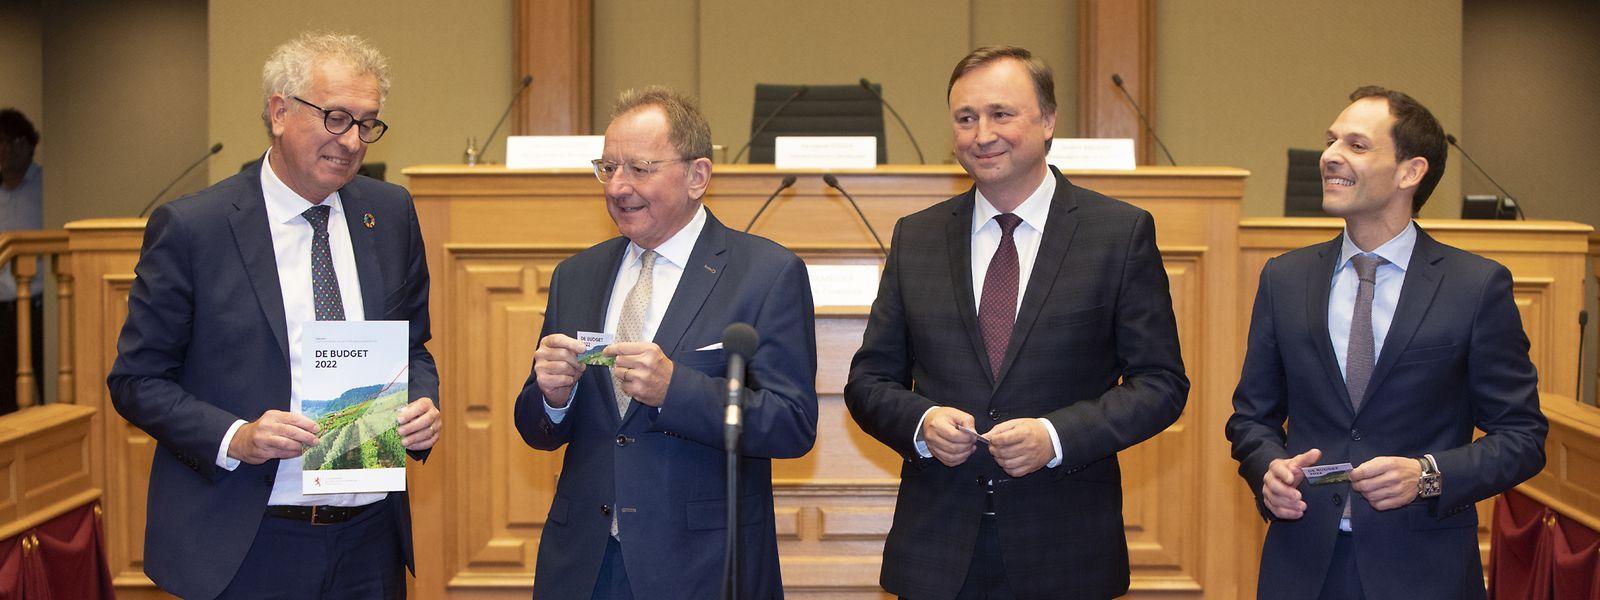 Pierre Gramegna überreicht den Haushaltsentwurf für 2022 an Parlamentspräsident Fernand Etgen, den Vorsitzenden des Haushaltsausschusses André Bauler sowie Budget-Berichterstatter Dan Biancalana (r.)